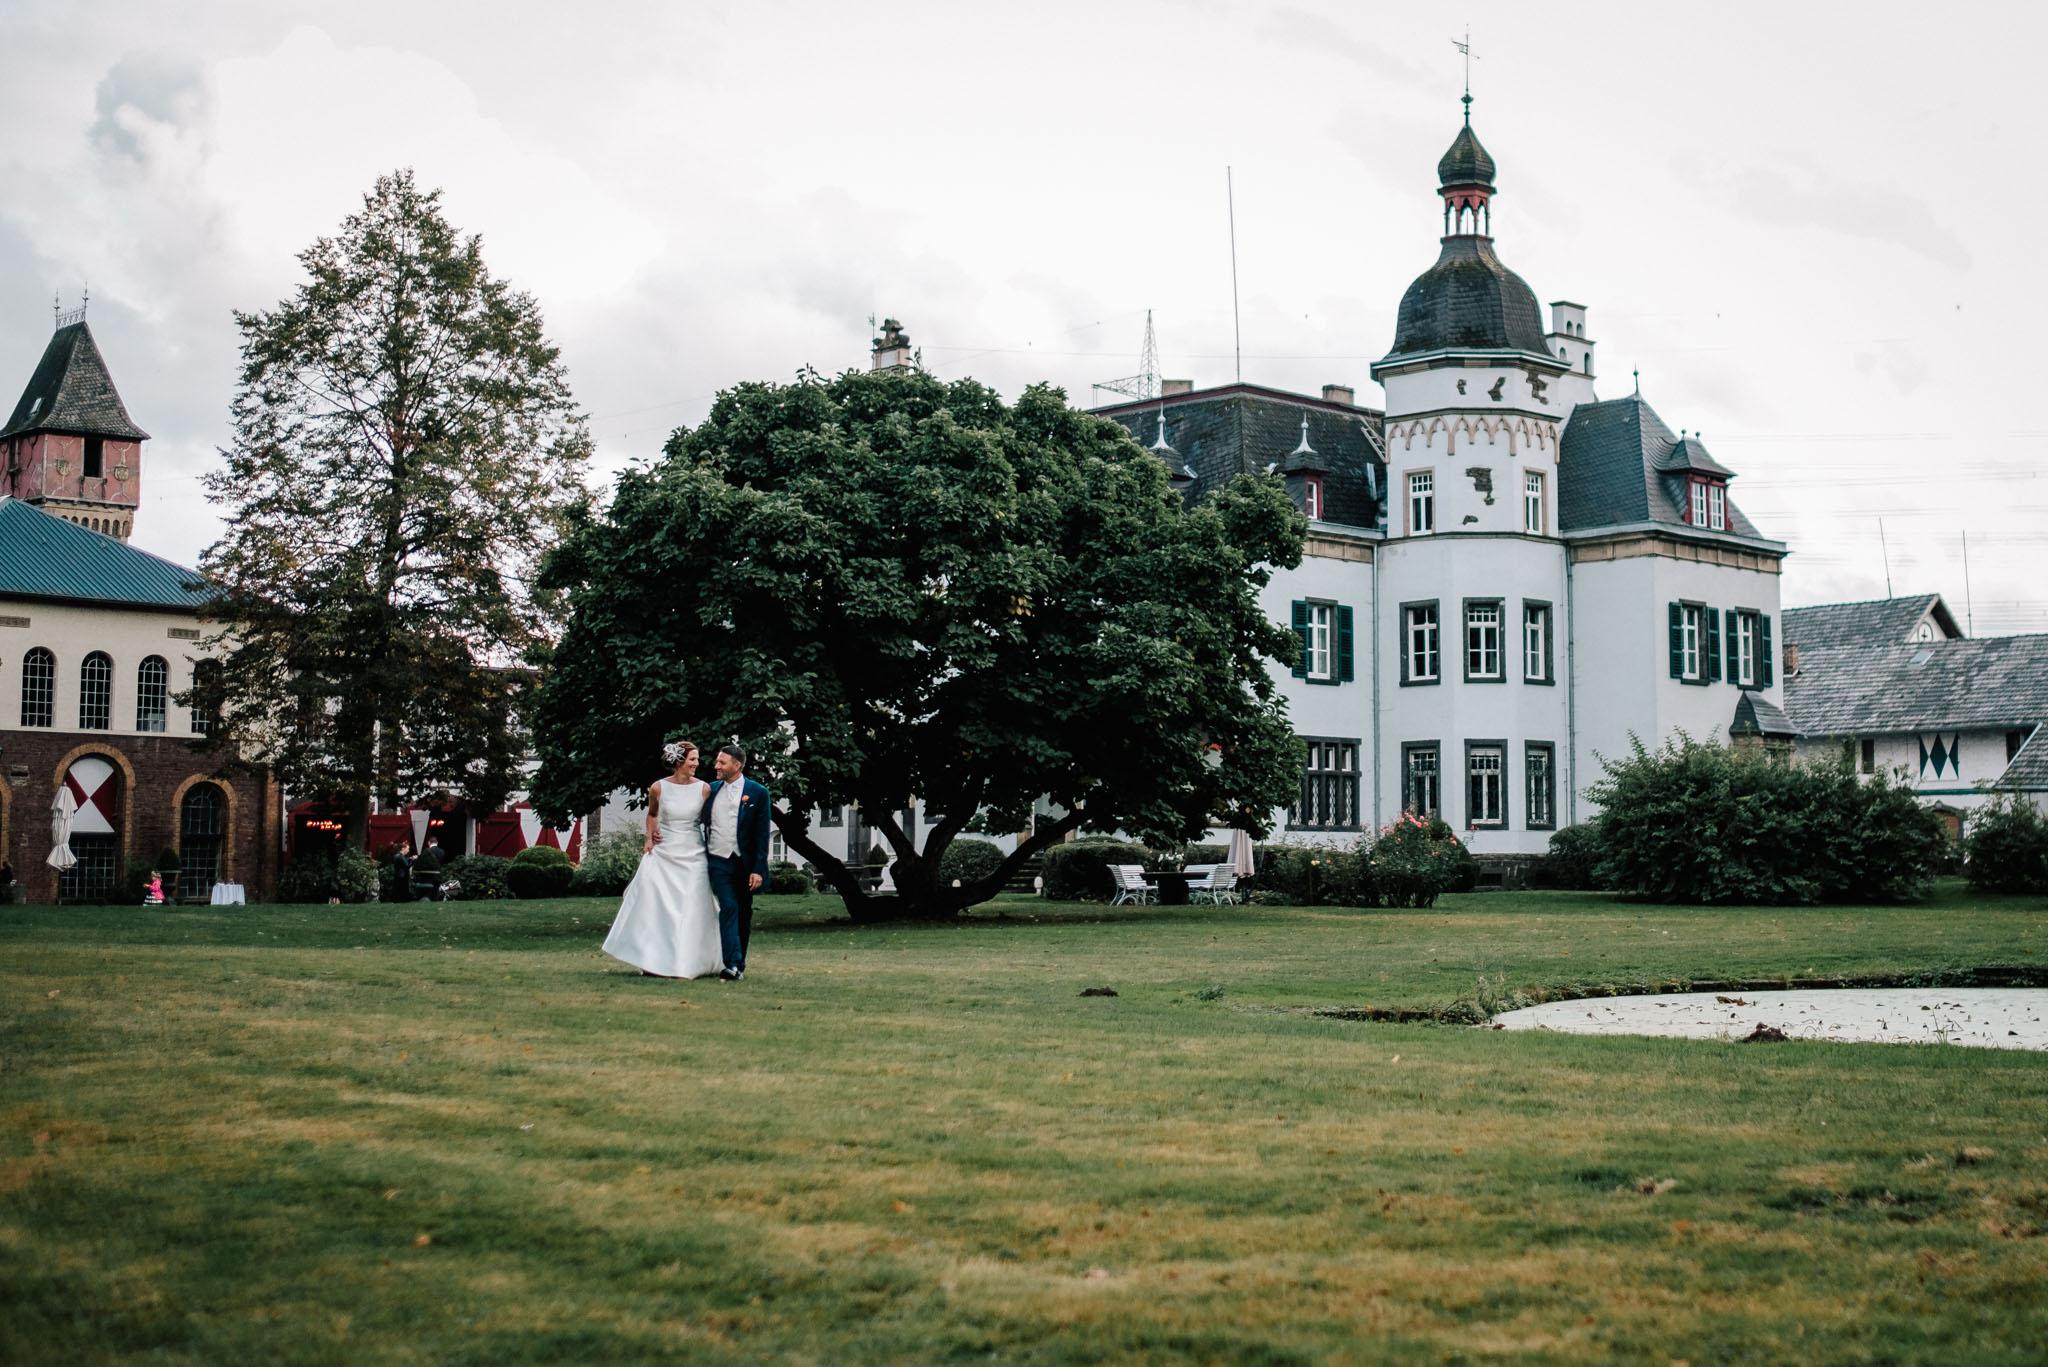 Hochzeitsfotograf-Andernach-Hochzeit-Gut-Nettehammer-123